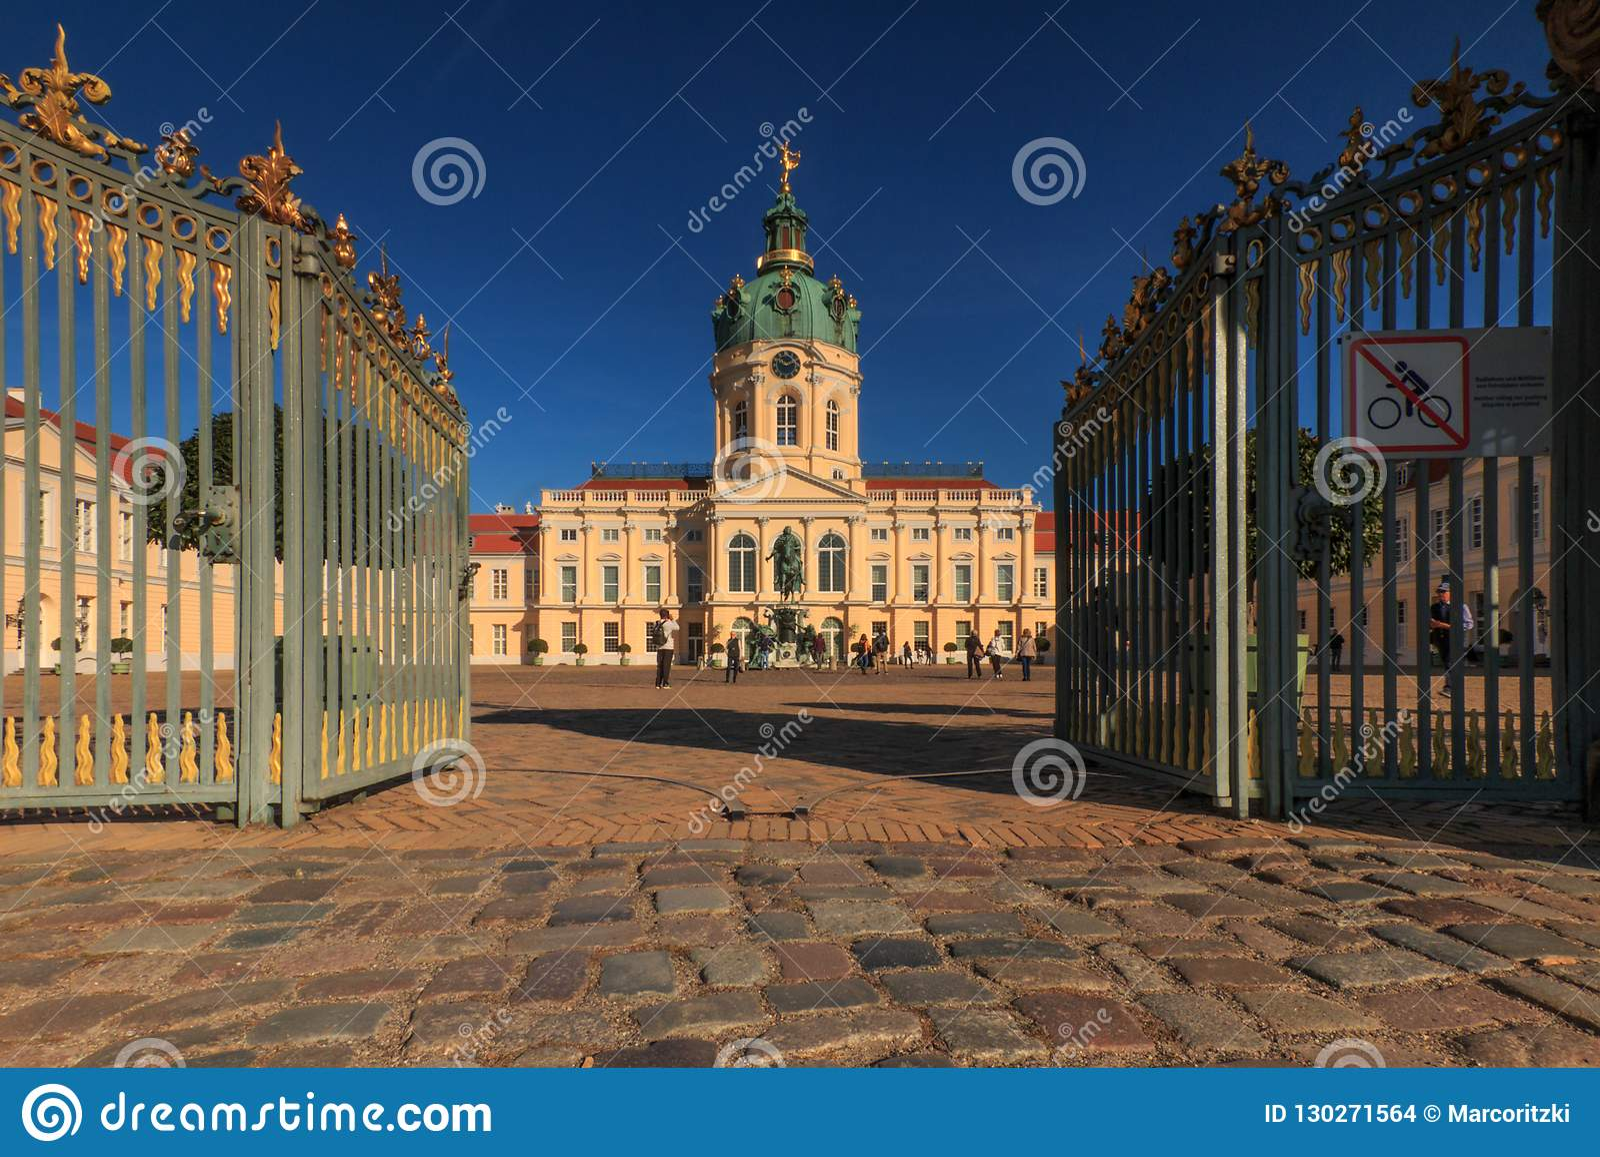 Charlottenborg slott och slott i berlin på en blå himmel